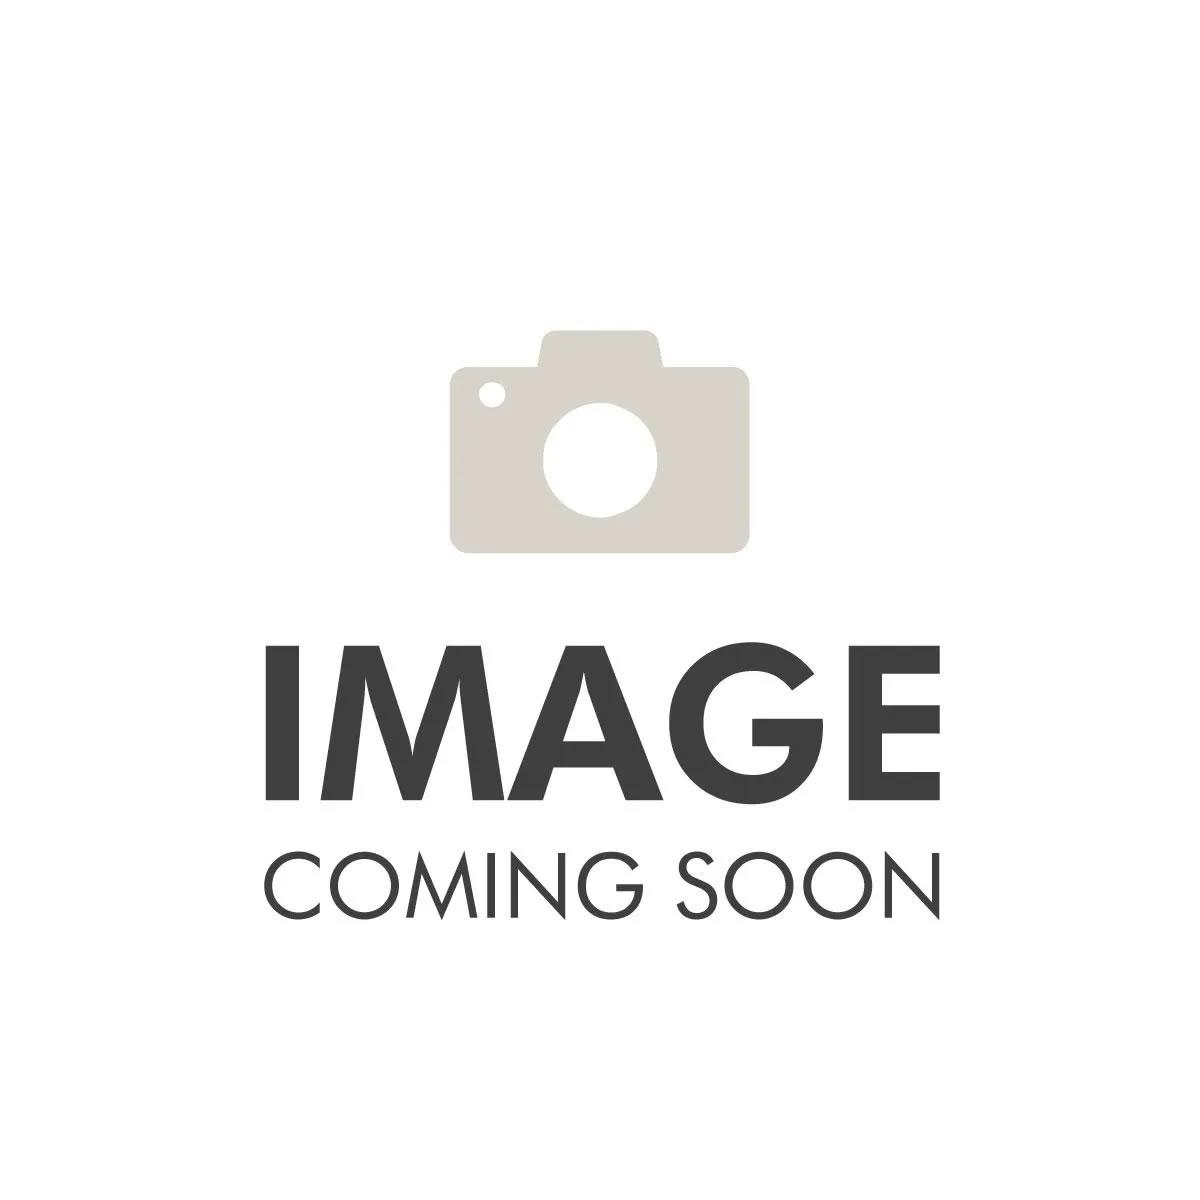 Wheel Cylinder Repair Kit, 1-1/8 Inch Bore